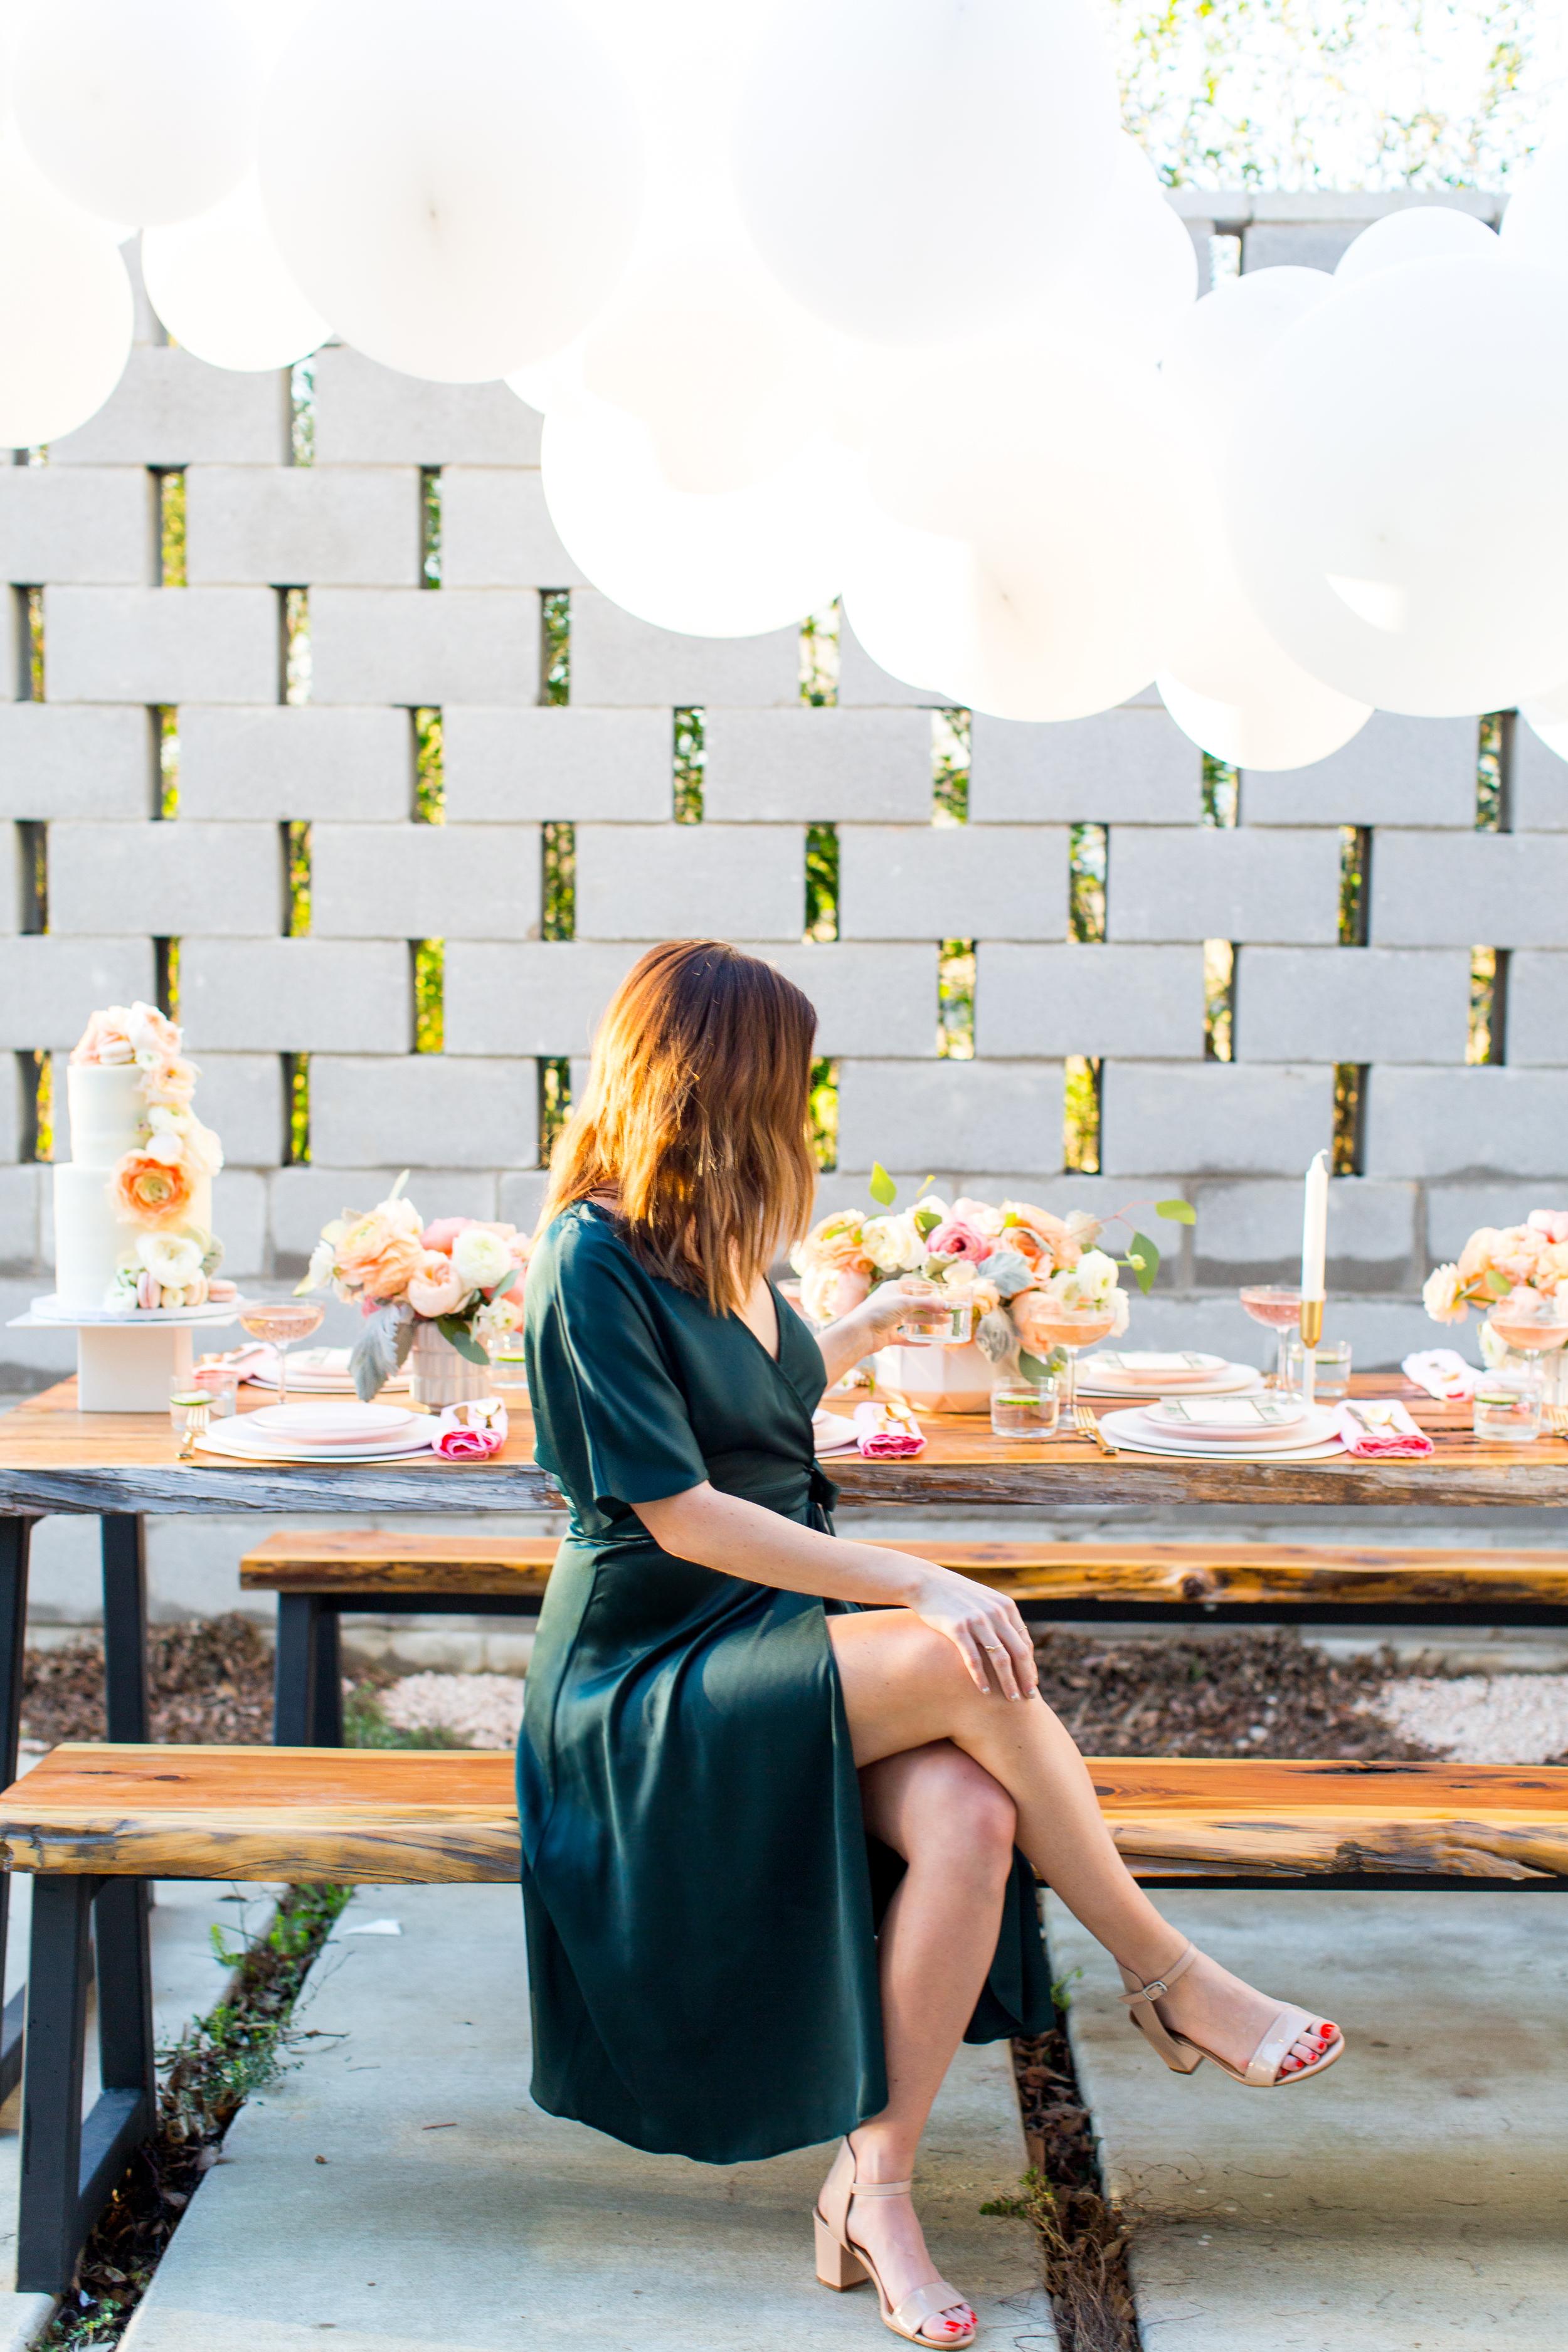 bridal shower bride at picnic table